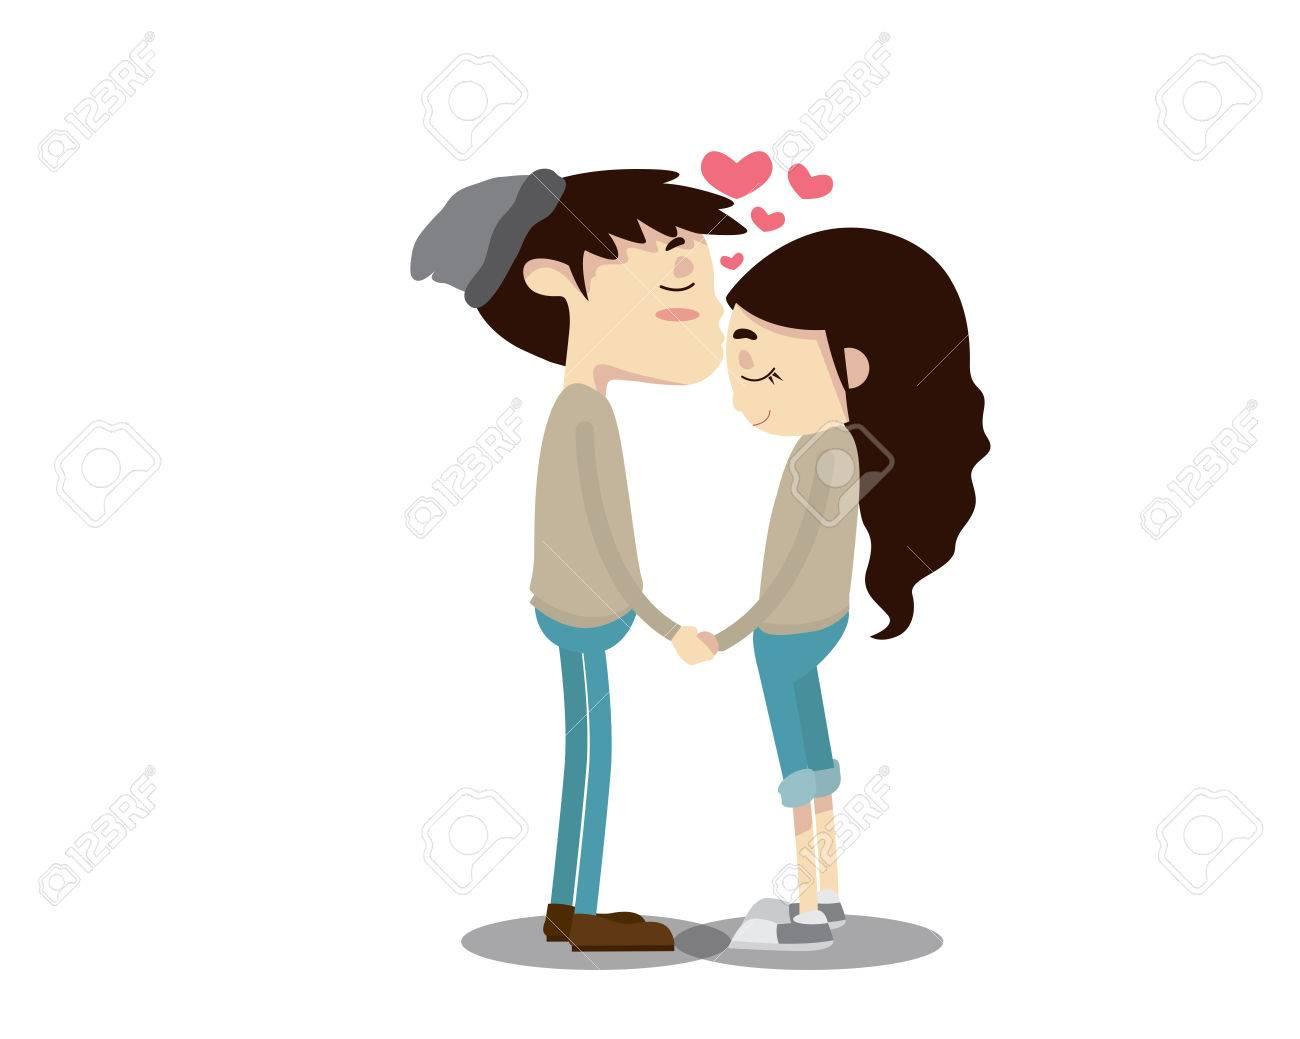 ロマンチックなバレンタインのカップル イラスト - おでこキス